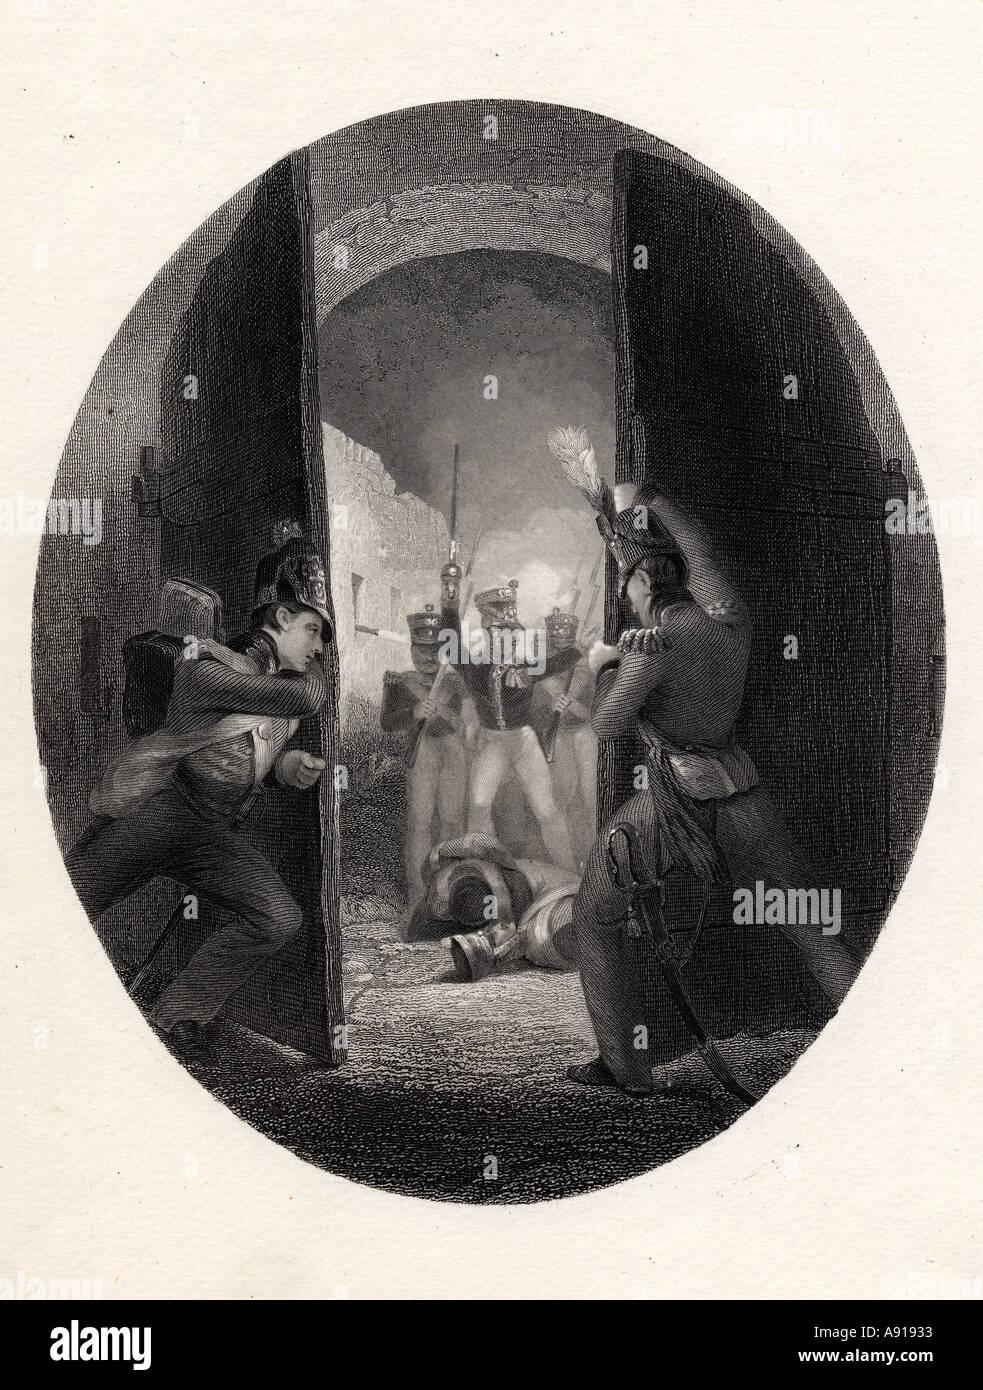 Un incidente durante la Batalla de Waterloo, Bruselas, Bélgica. Impresión del siglo XIX. Foto de stock